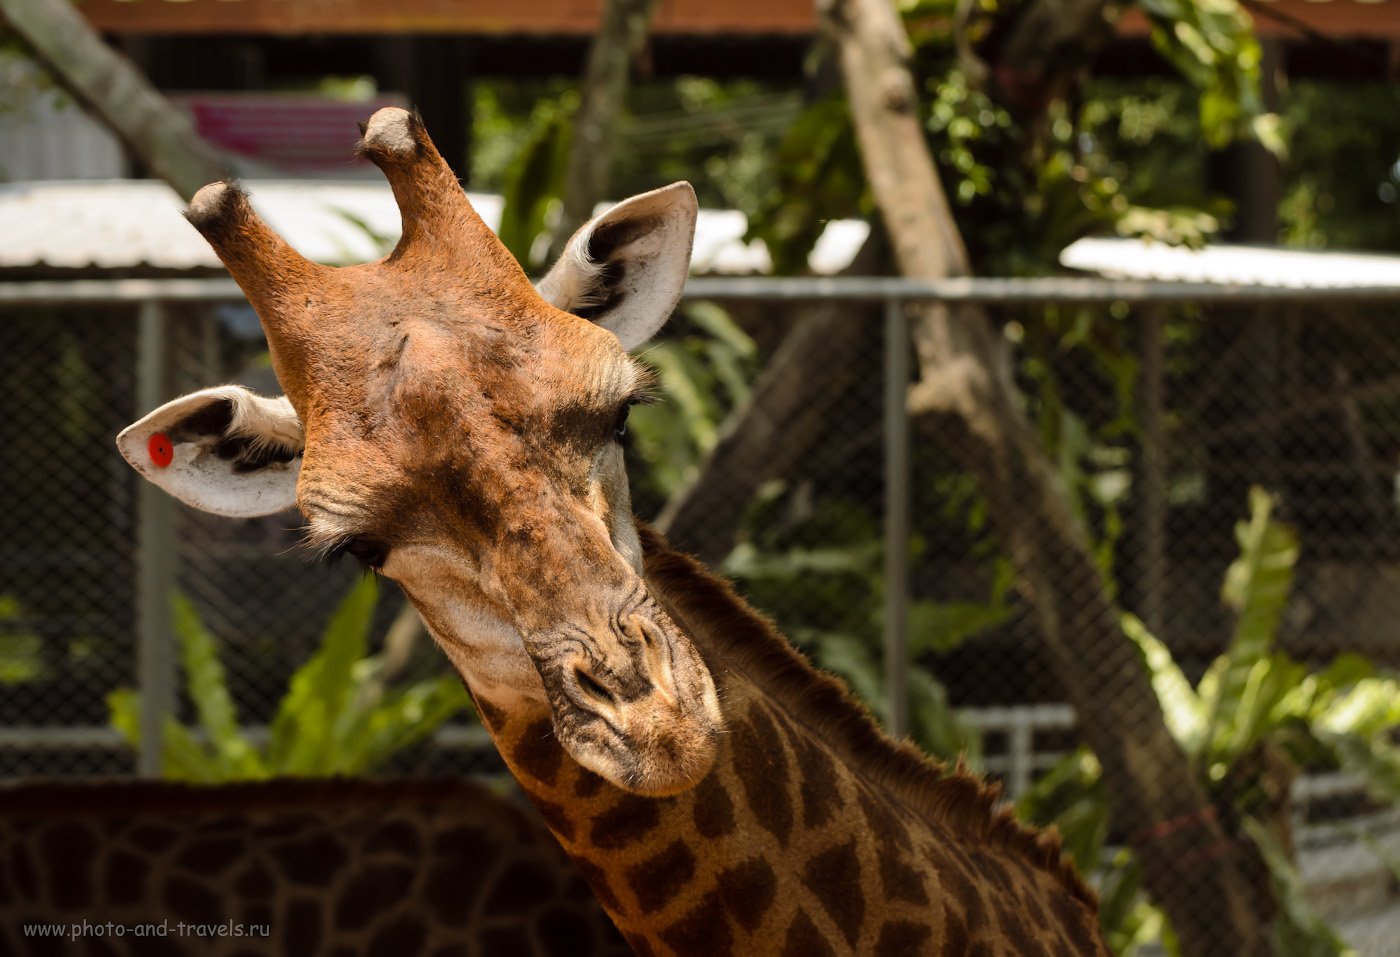 Фото 16. Приходите в Парк миллионолетних камней и крокодиловую ферму еще! Отчет об отдыхе в Паттайе во время поездки в Таиланд. 1/640, 5.0, 320, 100.